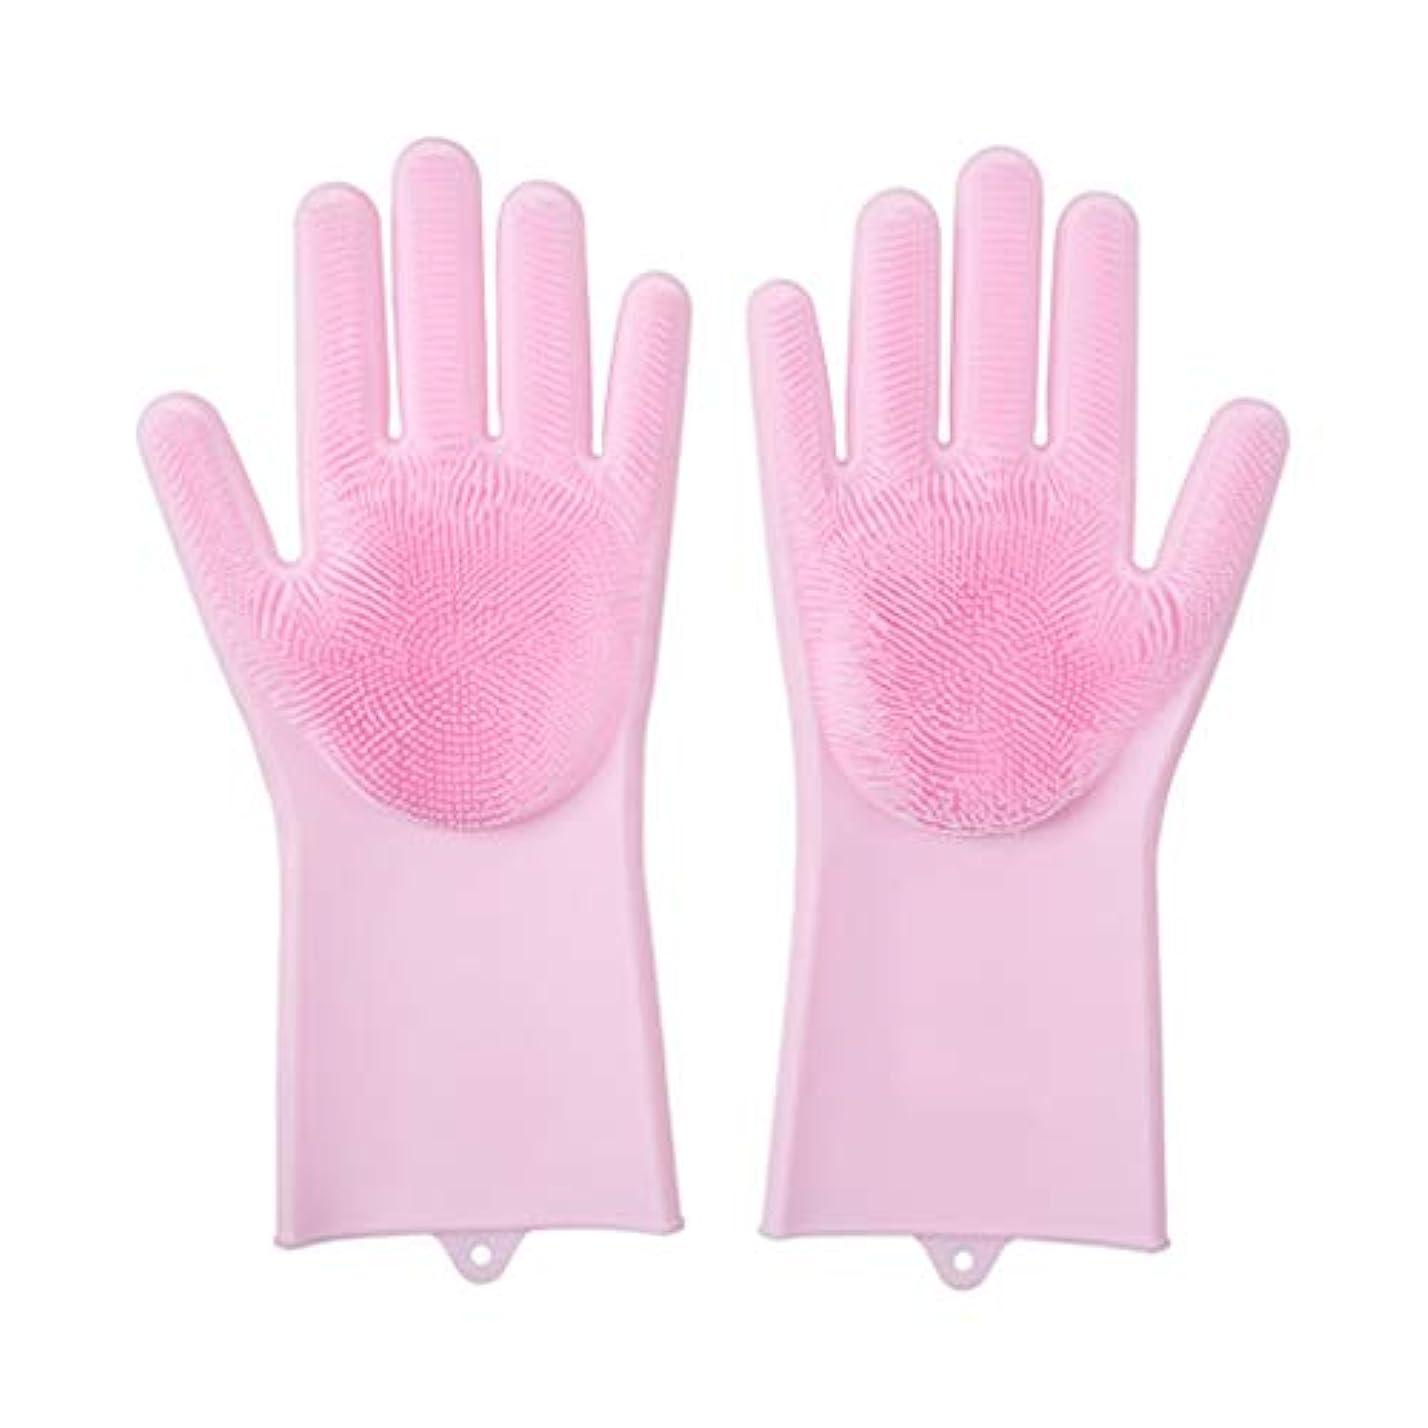 自治数学者雑草LIUXIN スクラバー付きシリコン食器洗い手袋多機能家事ゴム手袋13.5×32.5センチマルチカラーオプション ゴム手袋 (Color : Pink)